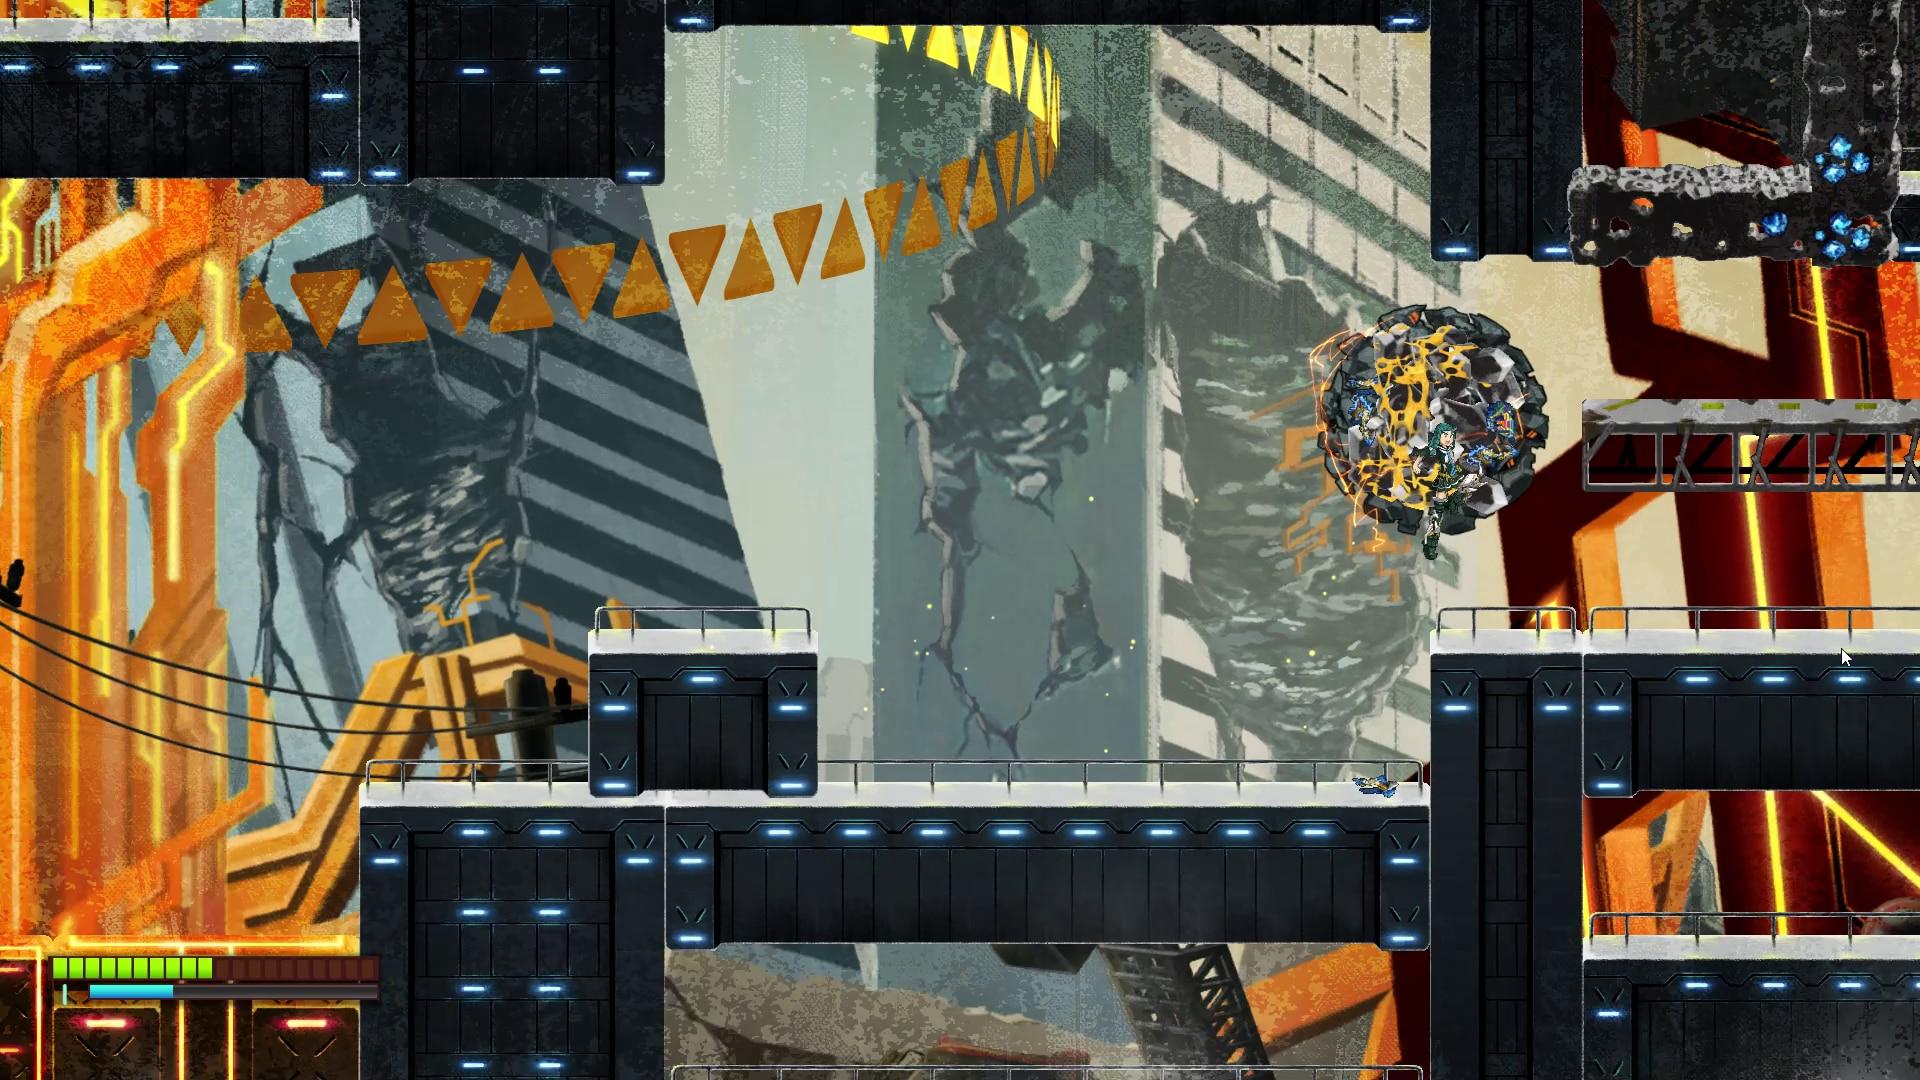 主人公の烈景寺レイカは改造人間である。ロボットの血液である液状ナノマシンが付いたガレキや鉄くずを集めて操作する「リコール」能力を持っている